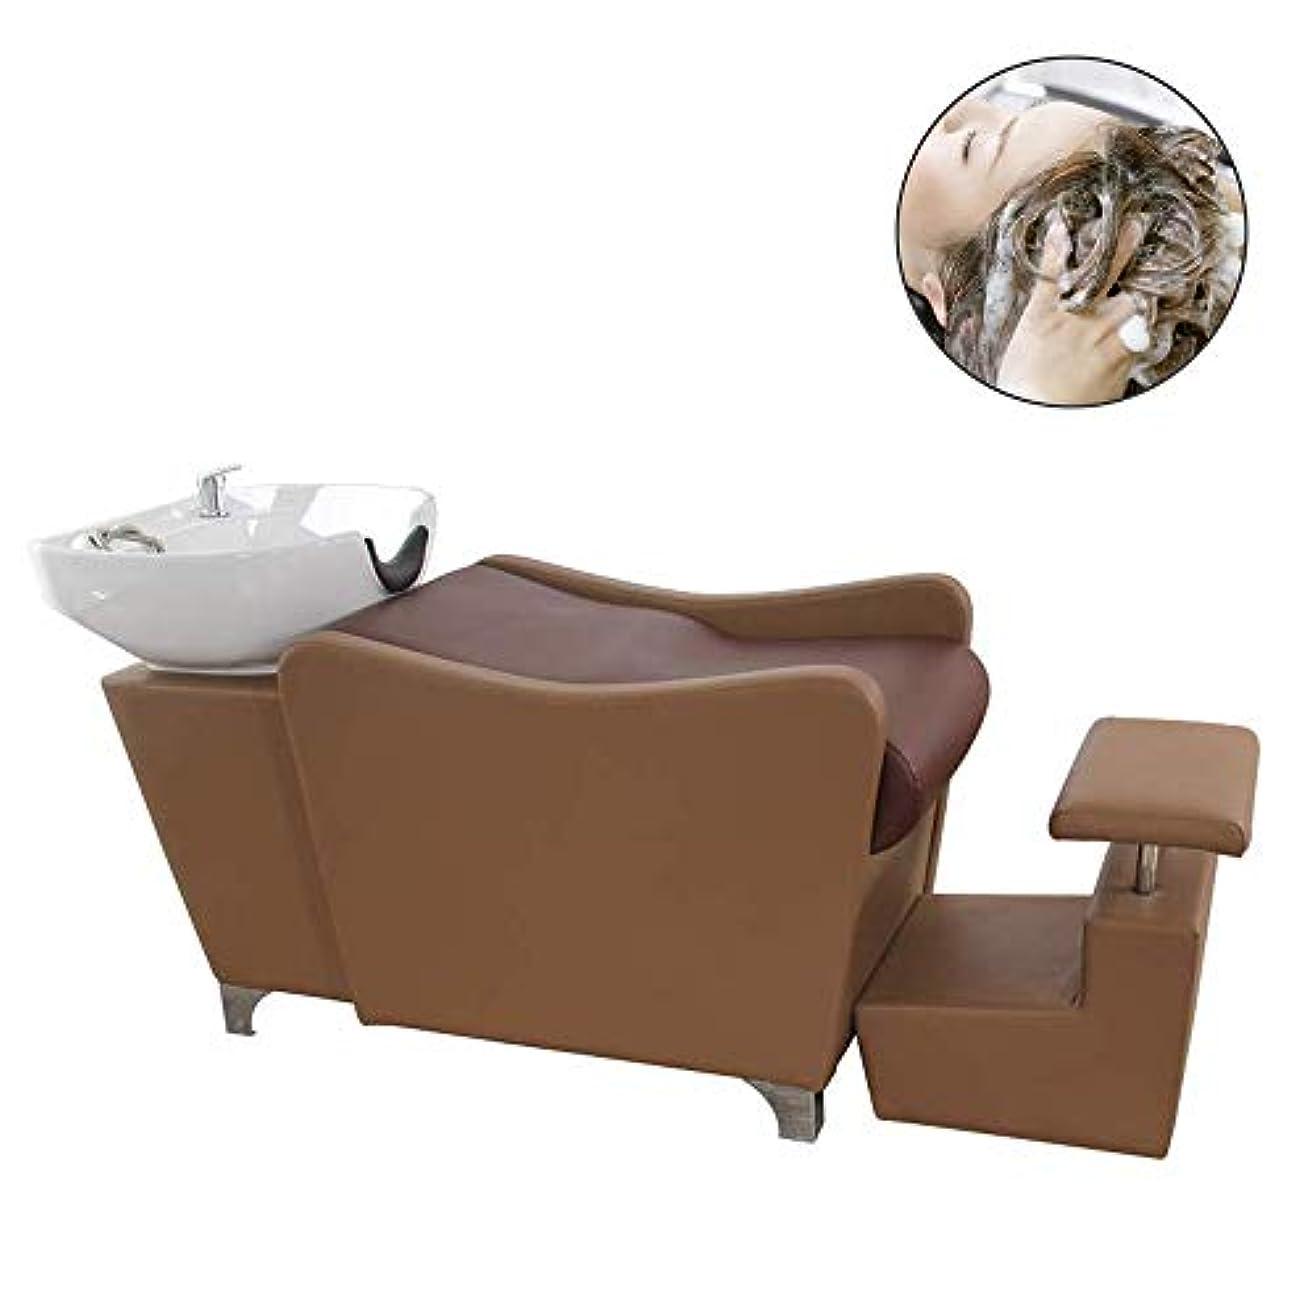 忘れられない飲料巡礼者サロン用シャンプー椅子とボウル、理髪店逆洗ユニットシャンプーボウル理髪用シンク椅子用スパビューティーサロン機器(茶色)